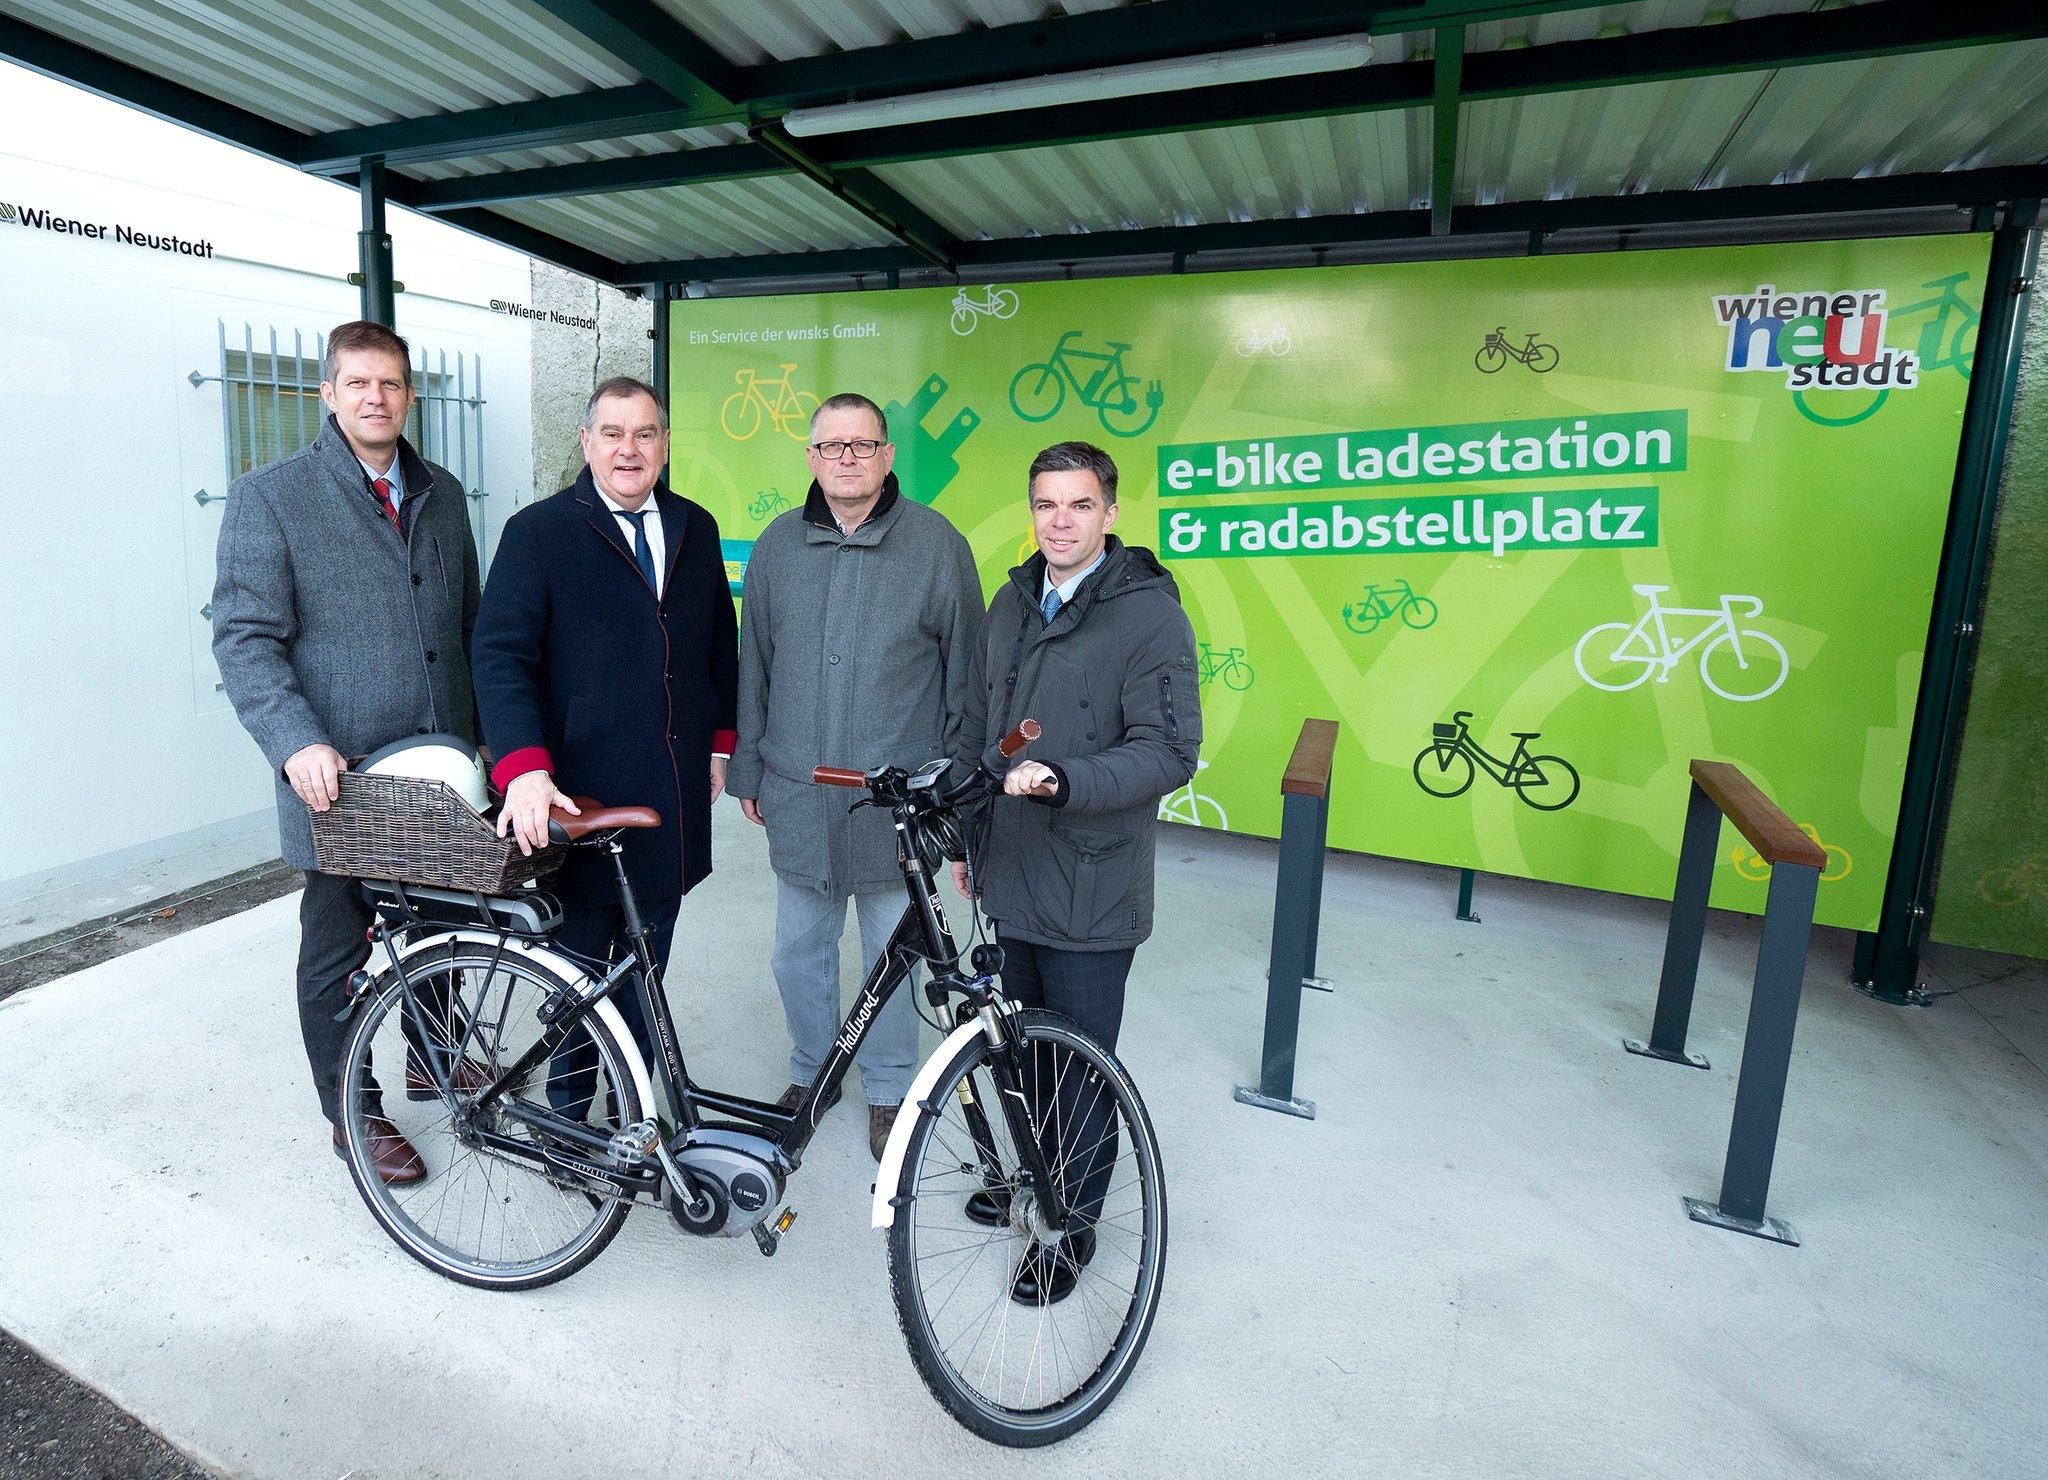 Noch im Zuge der Radverkehrsoffensive 2019: Neue Fahrrad